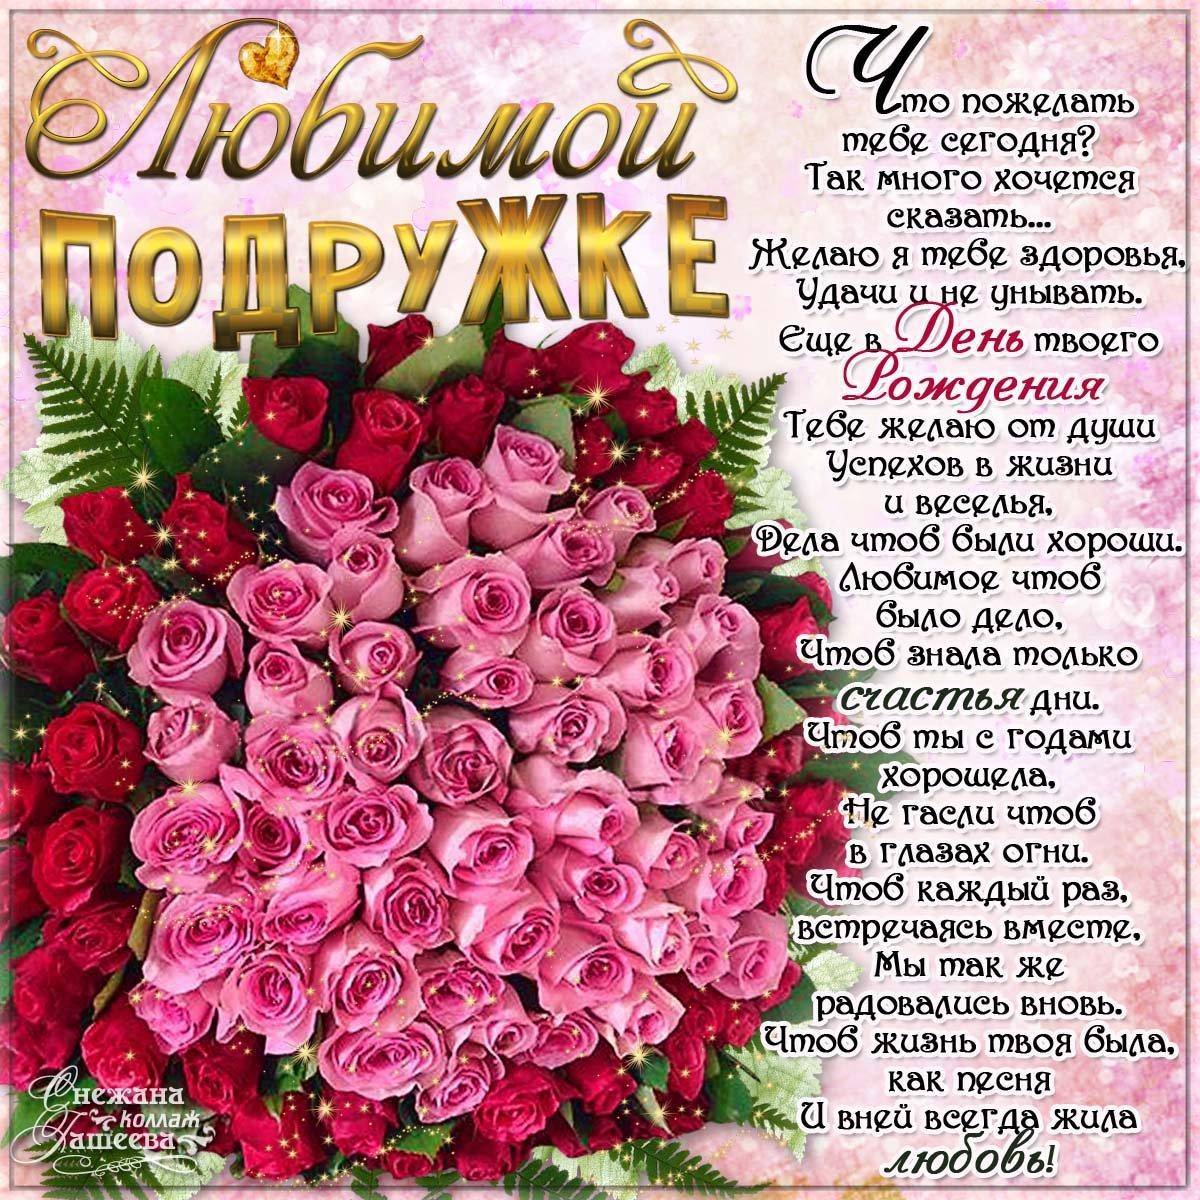 поздравления поздравления с днем рождения подруге самое лучшее поздравление всех подобных станках